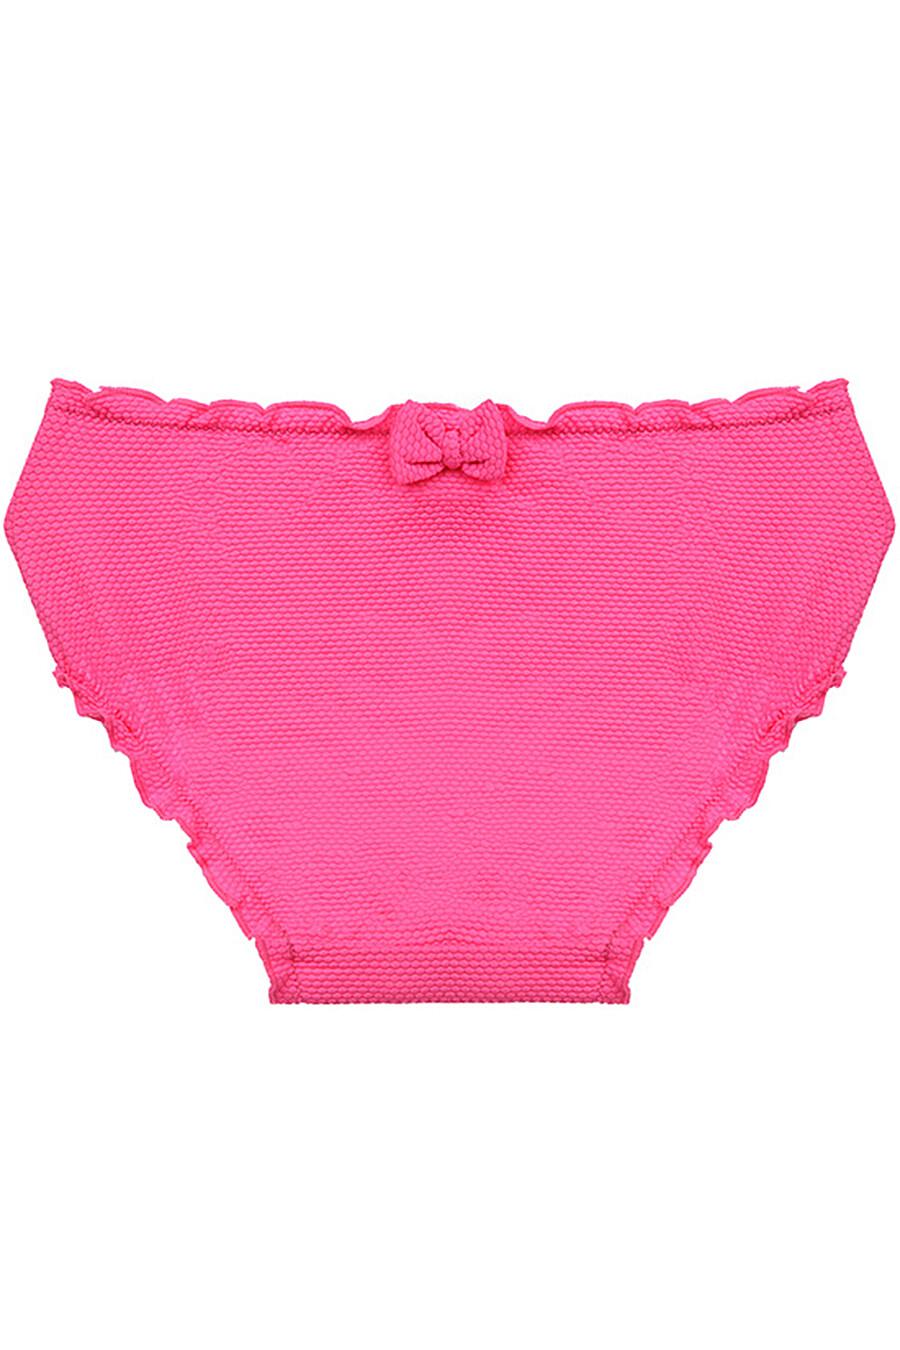 Плавки для девочек PLAYTODAY 649477 купить оптом от производителя. Совместная покупка детской одежды в OptMoyo